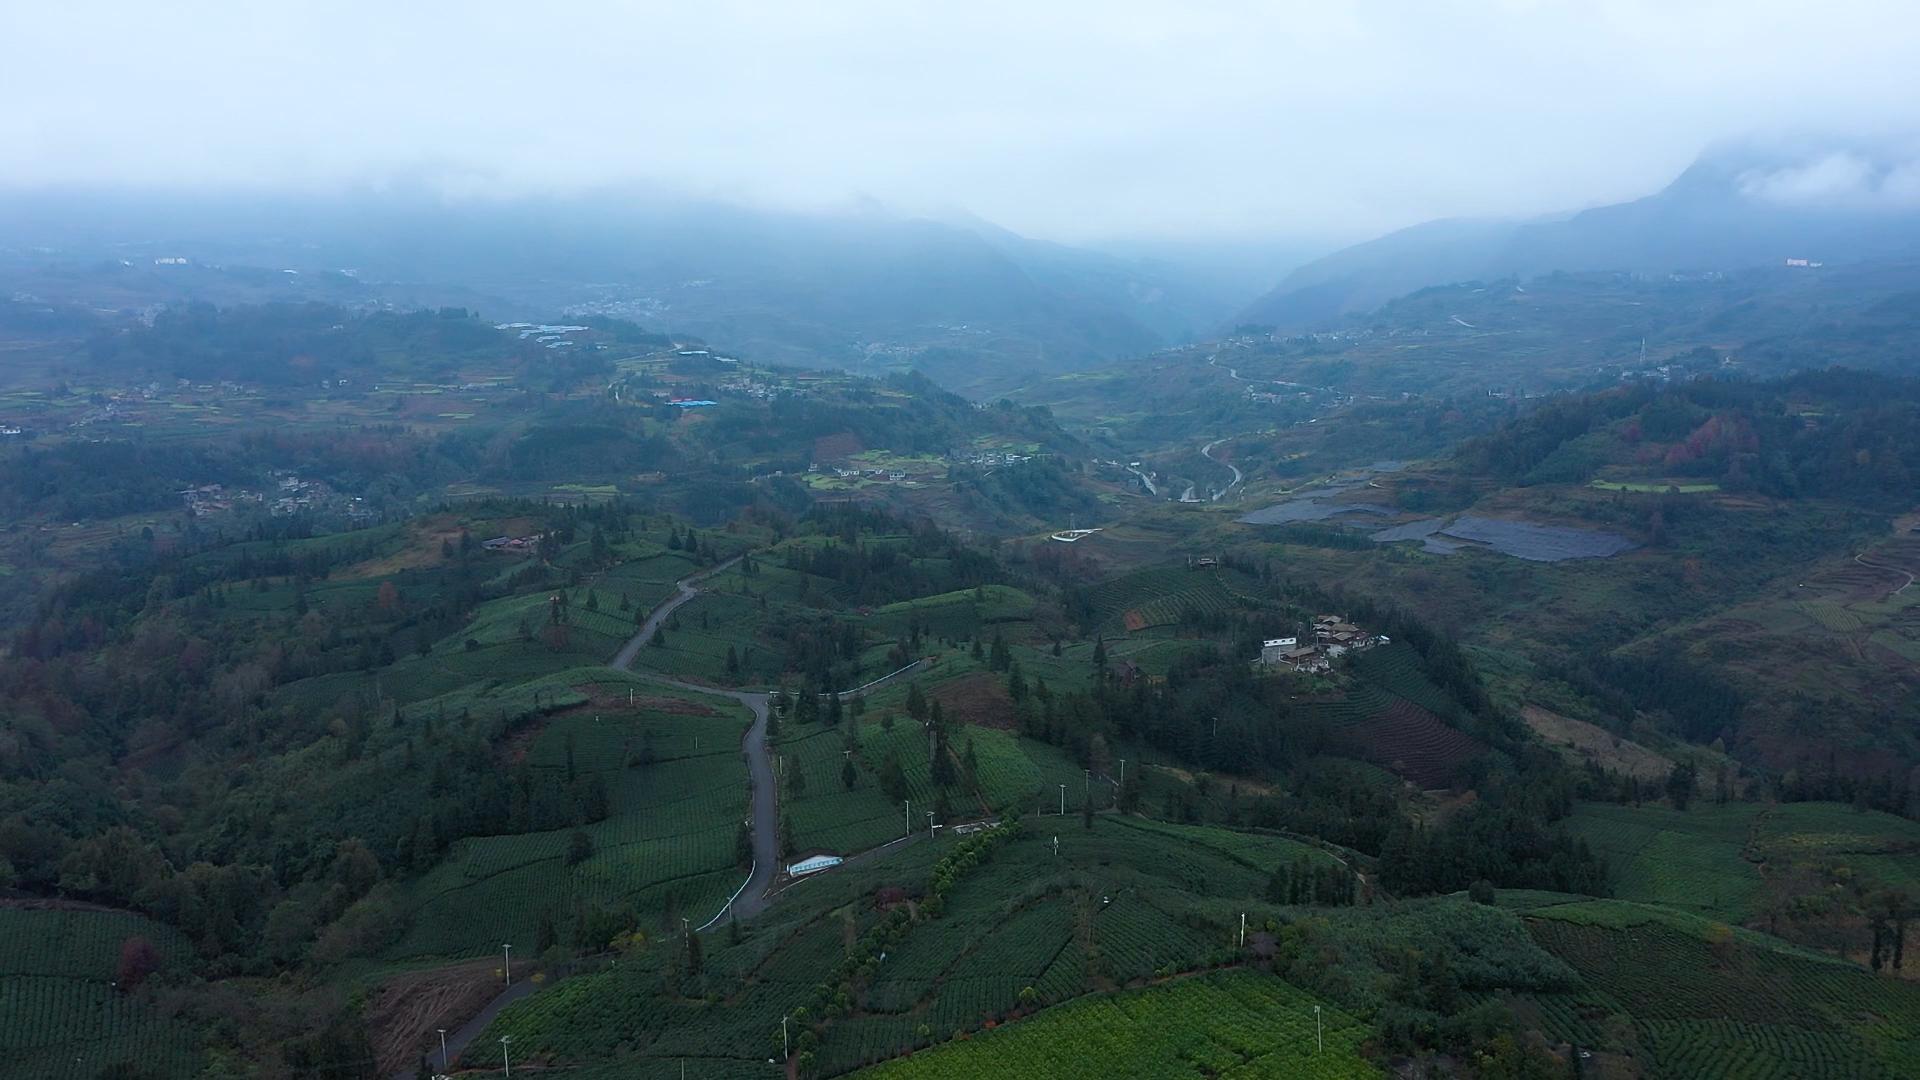 中國貴州普安縣的西隴村曾是遠近聞名的深度貧困村,座落在虎跳峽的群山之中,風景秀美,但懸崖山路令出行交通十分不便。